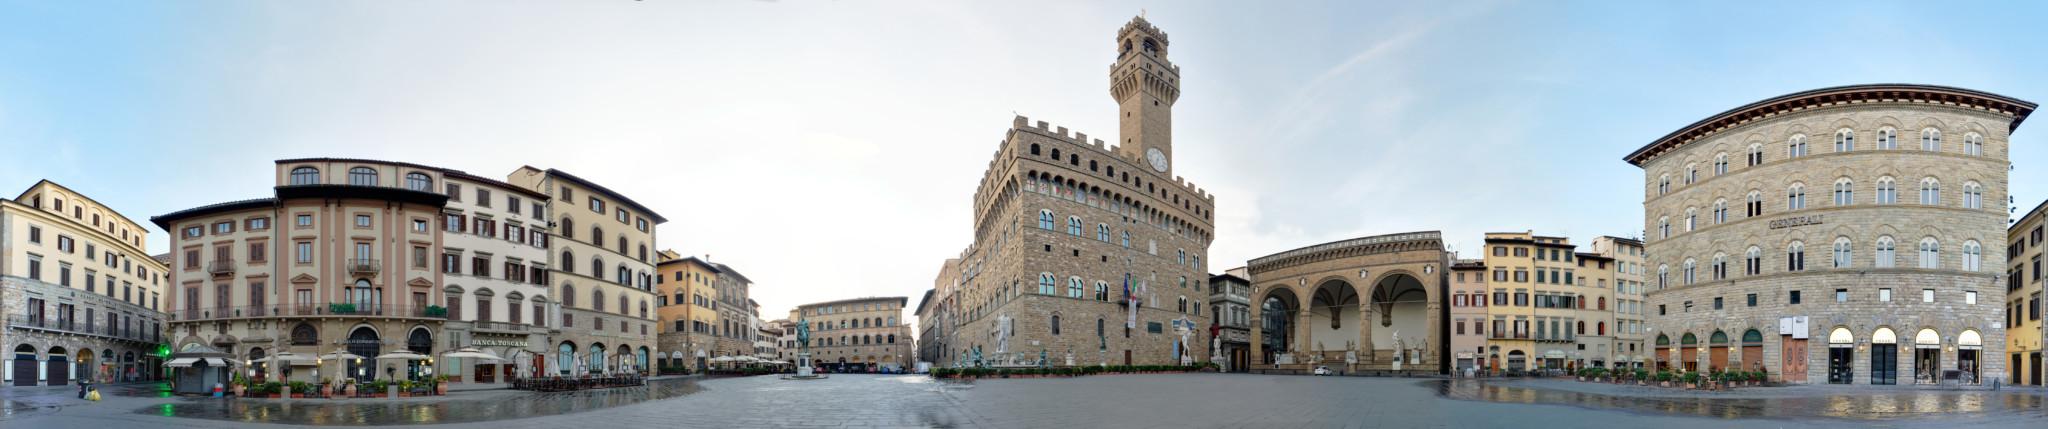 piazza_della_signoria_panoramic_view_small